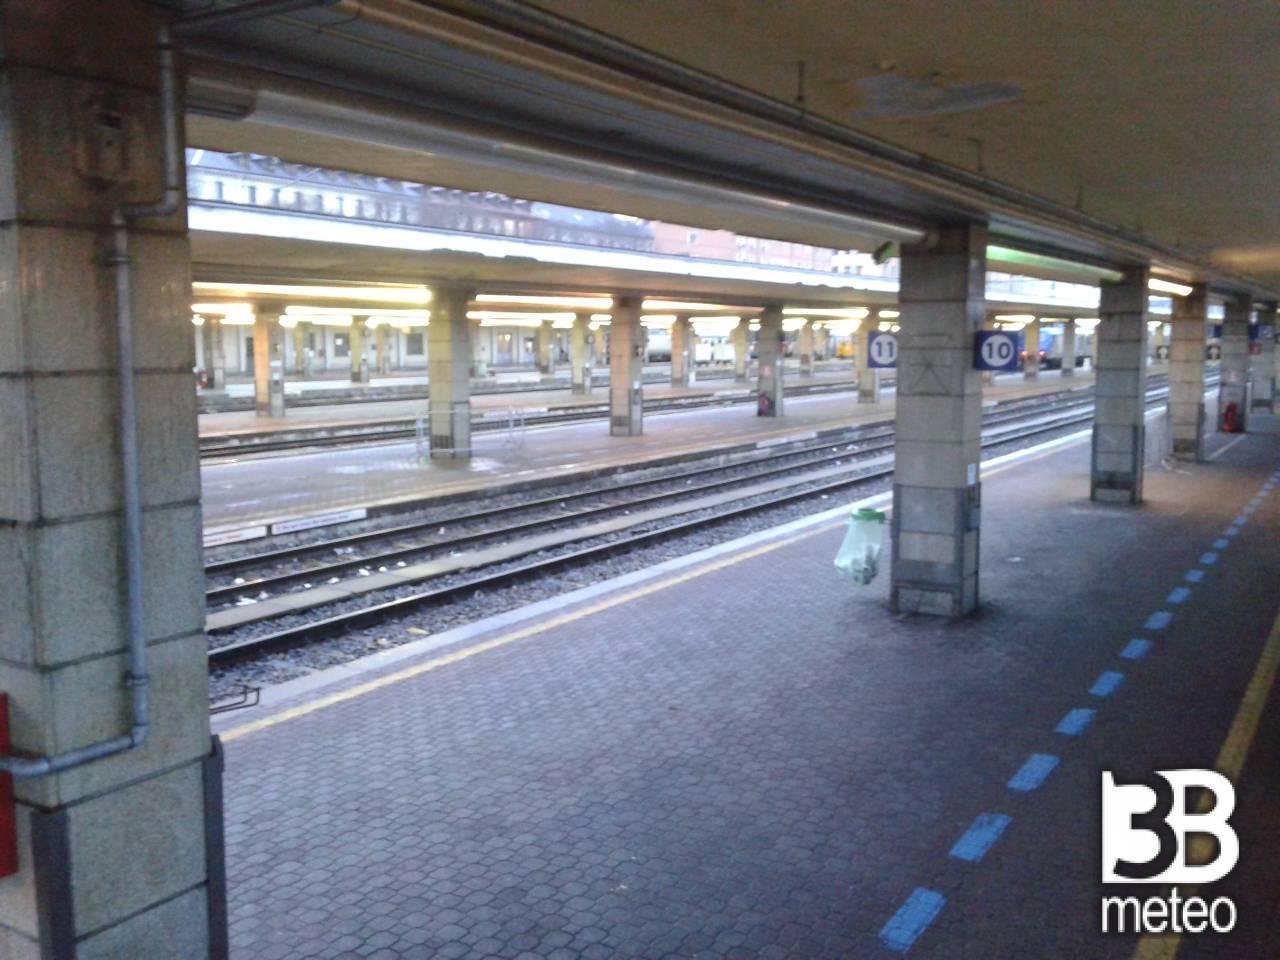 Torino porta nuova foto gallery 3b meteo - Libreria feltrinelli porta nuova torino ...